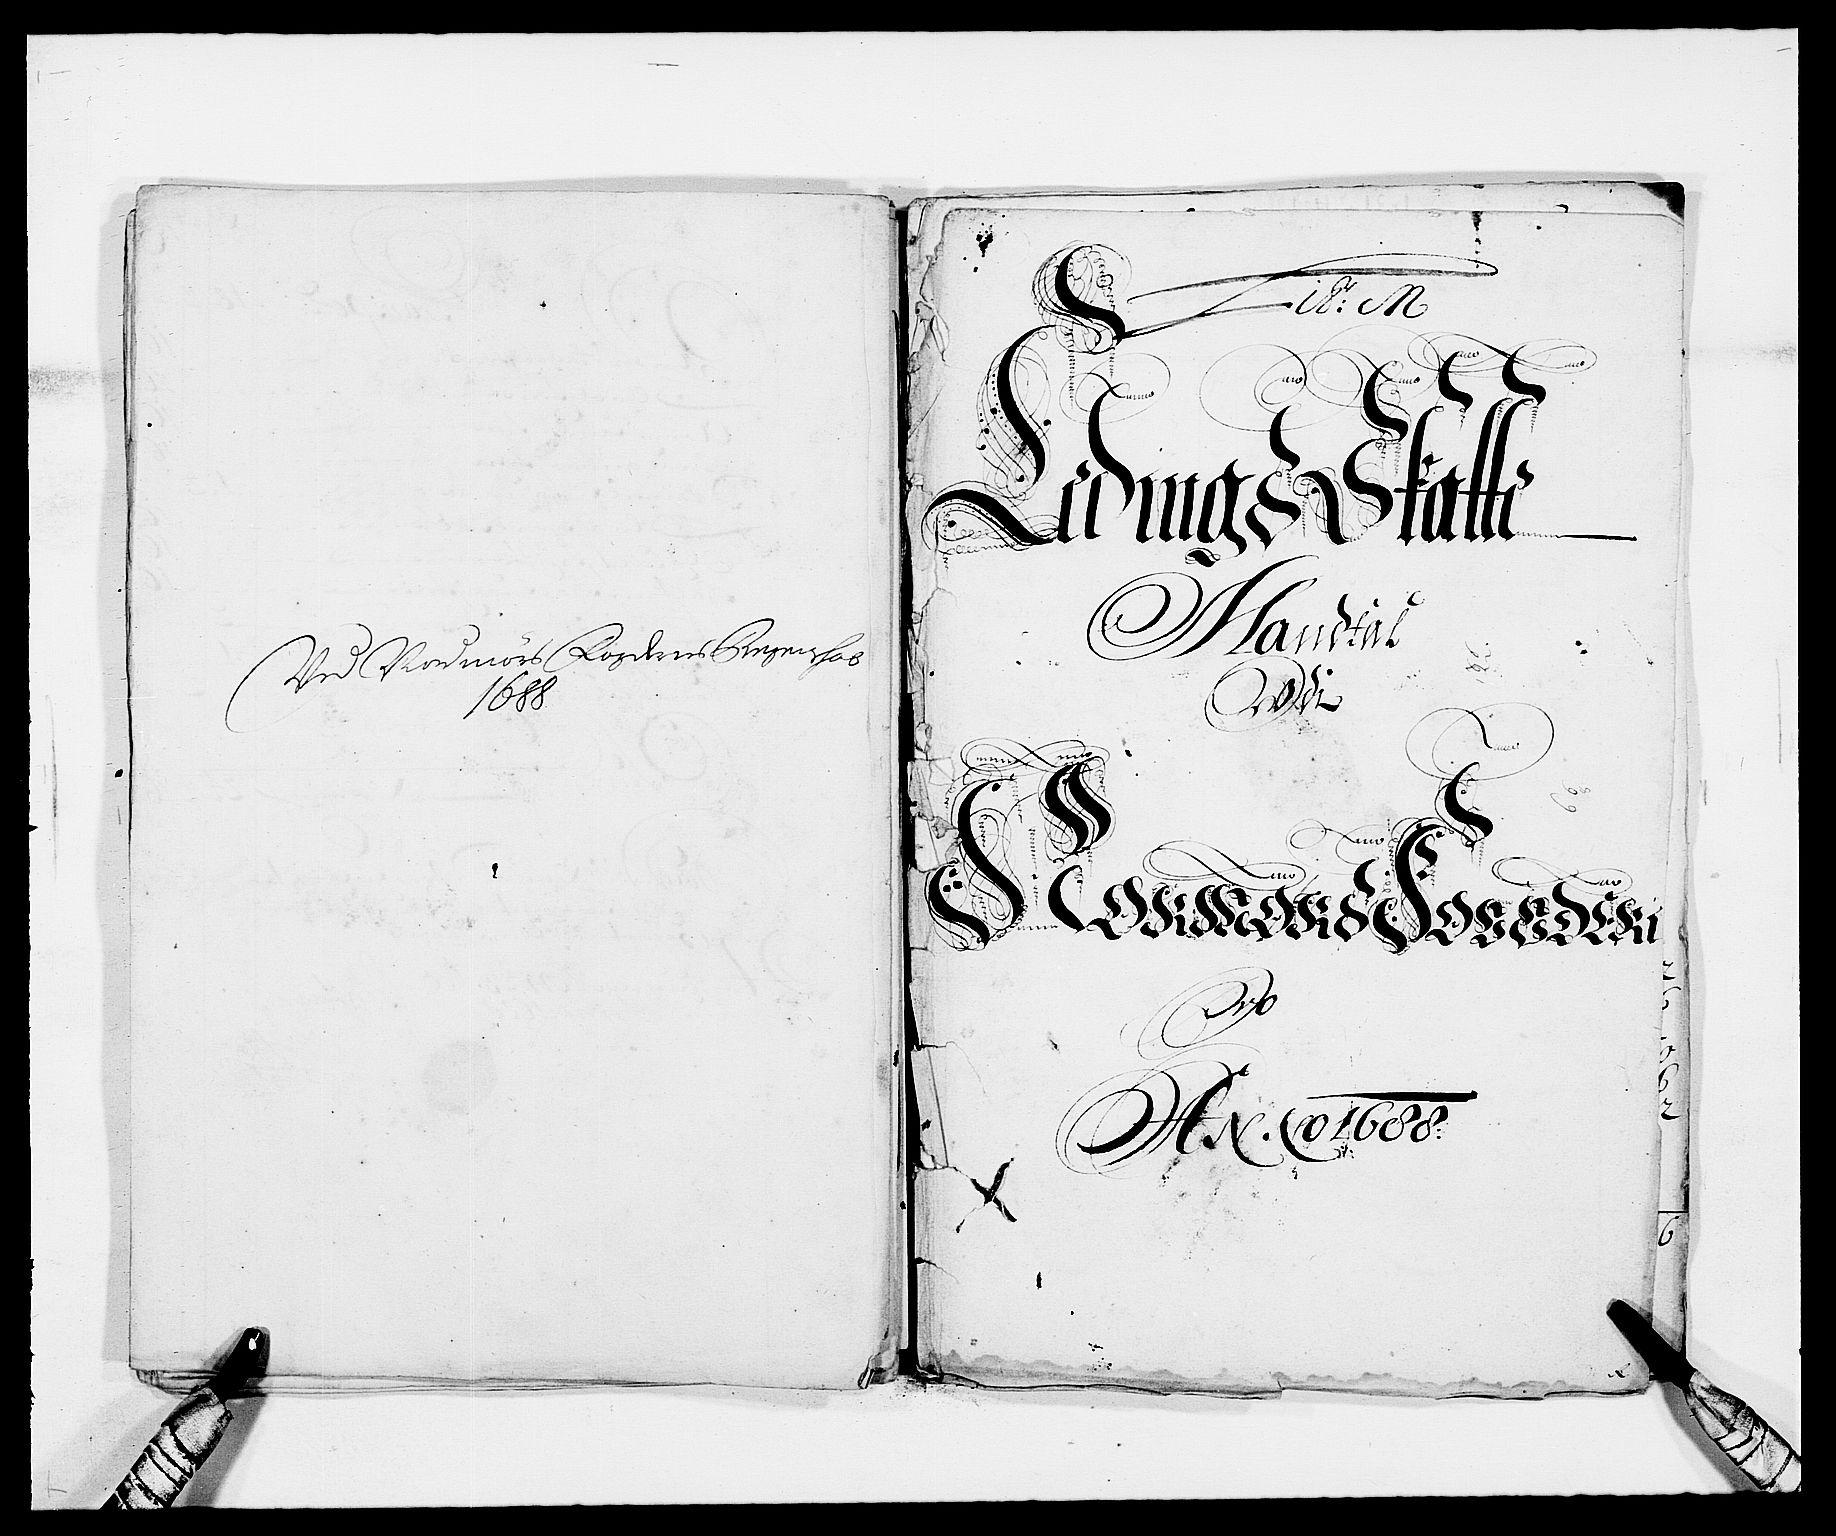 RA, Rentekammeret inntil 1814, Reviderte regnskaper, Fogderegnskap, R56/L3733: Fogderegnskap Nordmøre, 1687-1689, s. 297